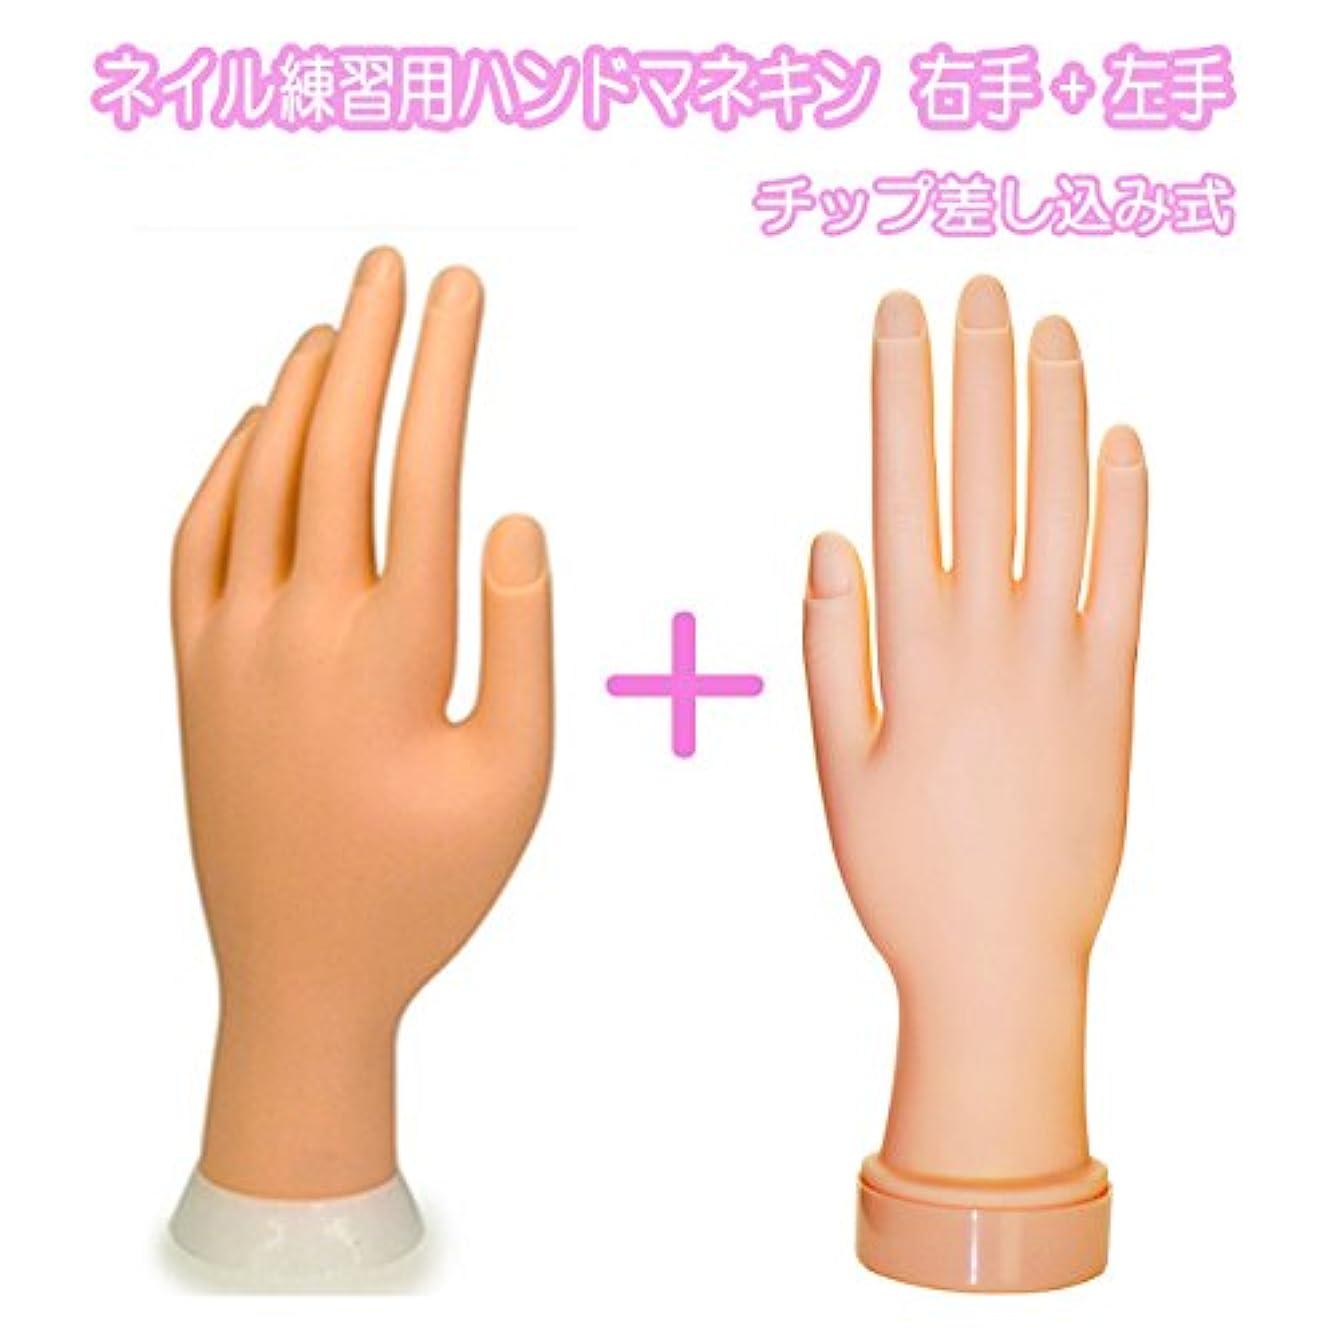 無数のモトリーシャイニングネイル練習用ハンドマネキン2個(右手/左手)/チップ差し込み式 (右手1個+左手1個)